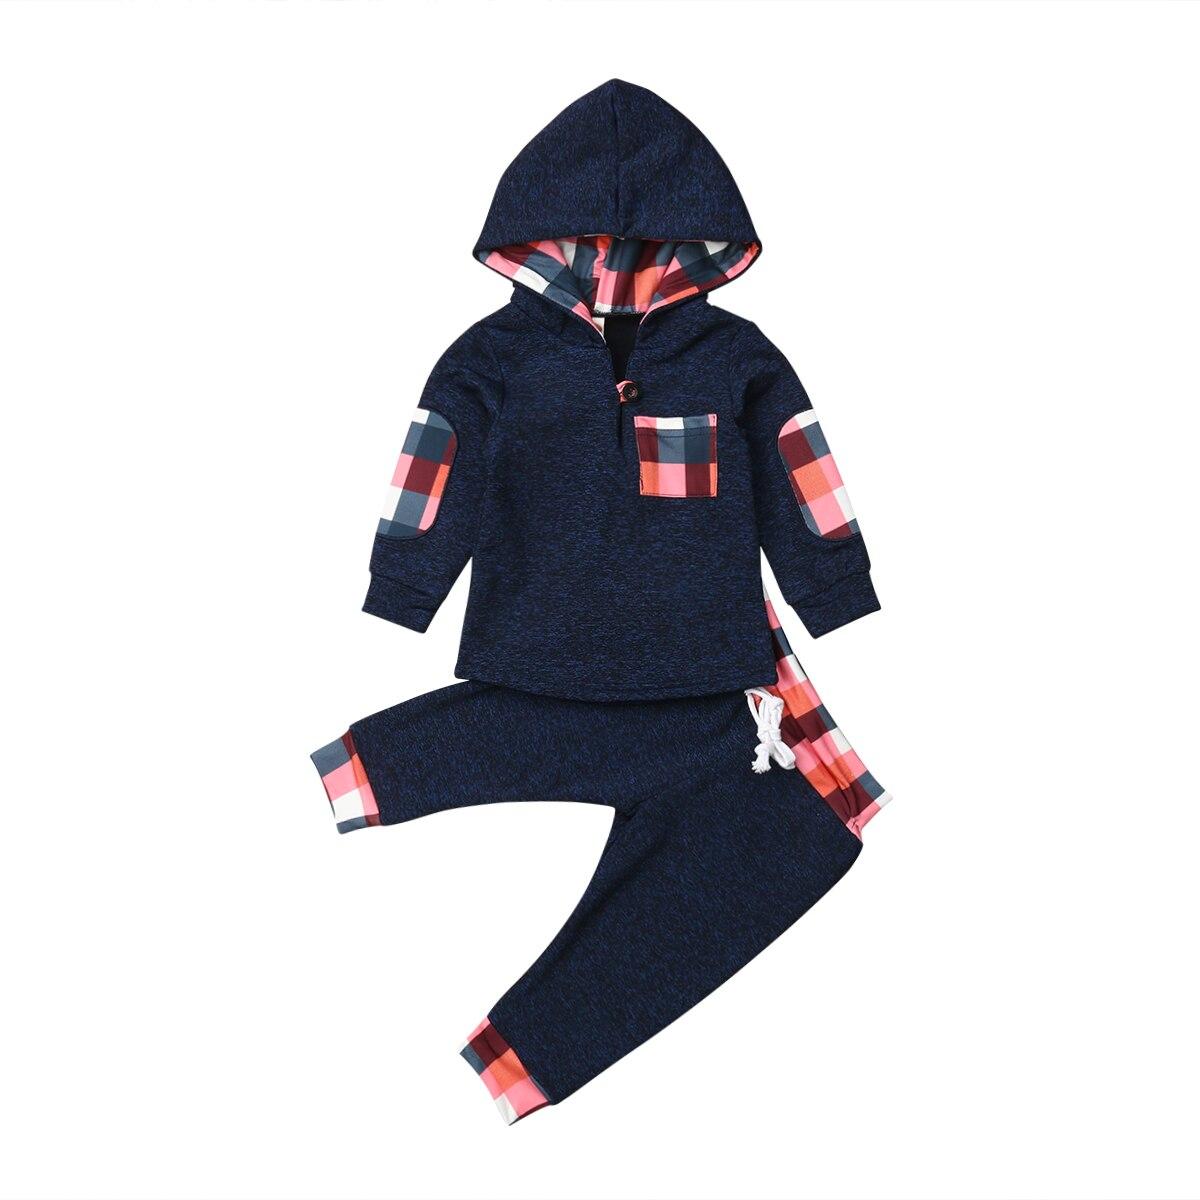 a445a5e7df04 Fashion Cotton Spring Autumn Baby Girl Boy Clothing Bear Bebes ...